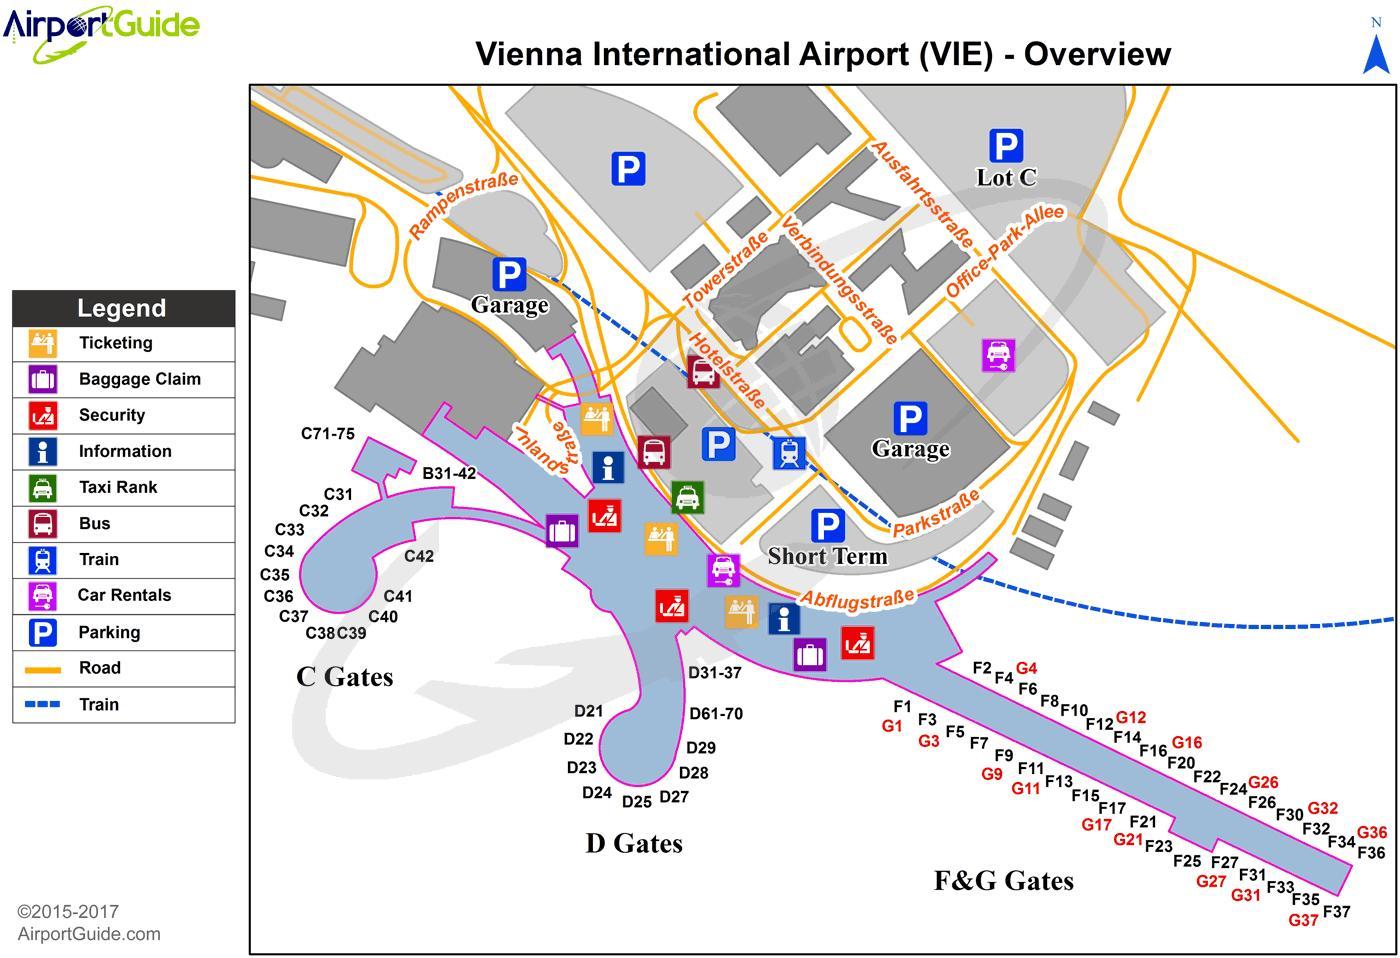 Wien Flughafen Karte Karte Von Wien Flughafen Western Europe